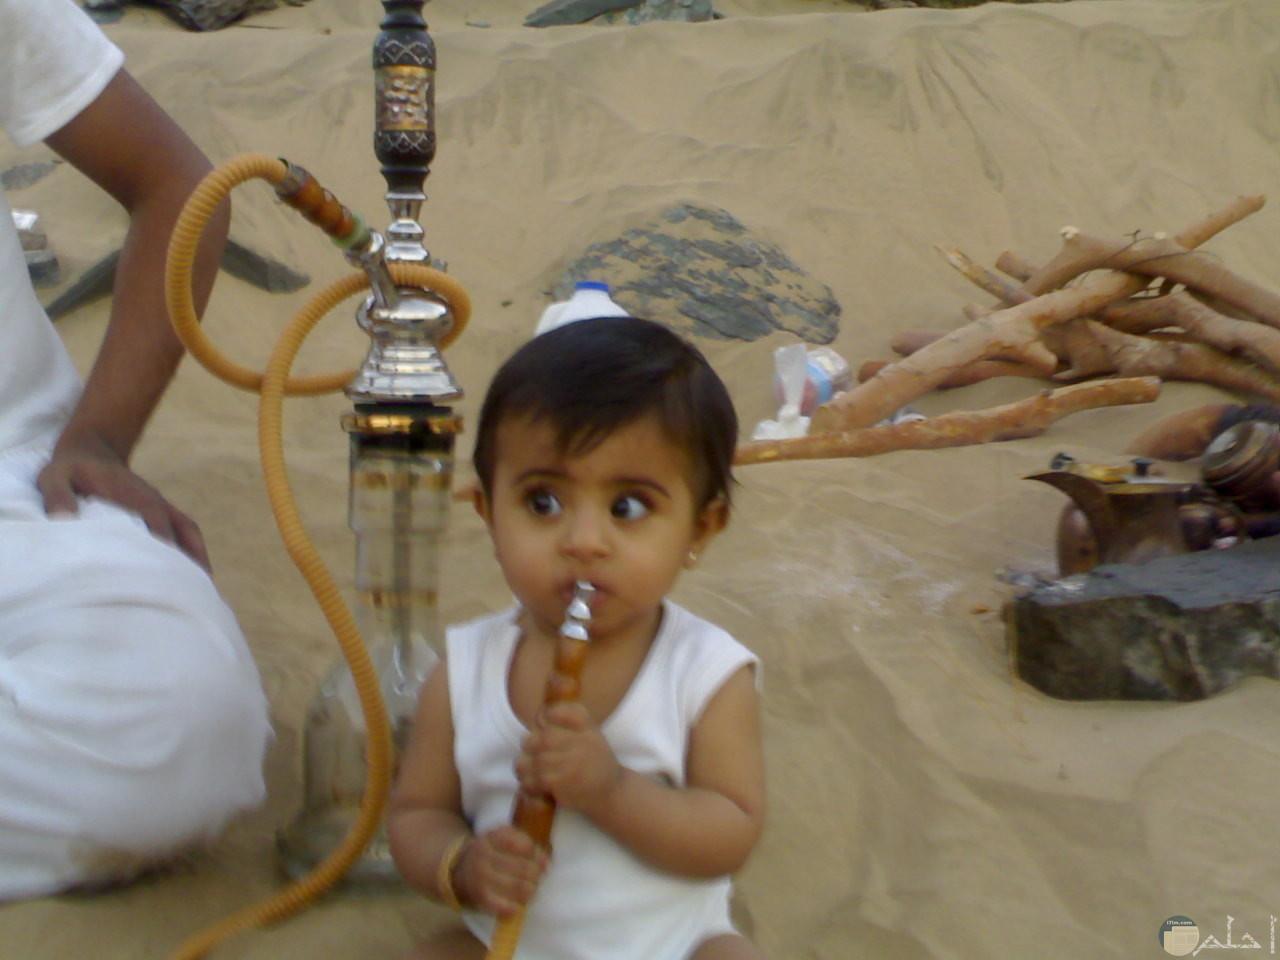 ولد صغير يشرب شيشة بجوار والده.